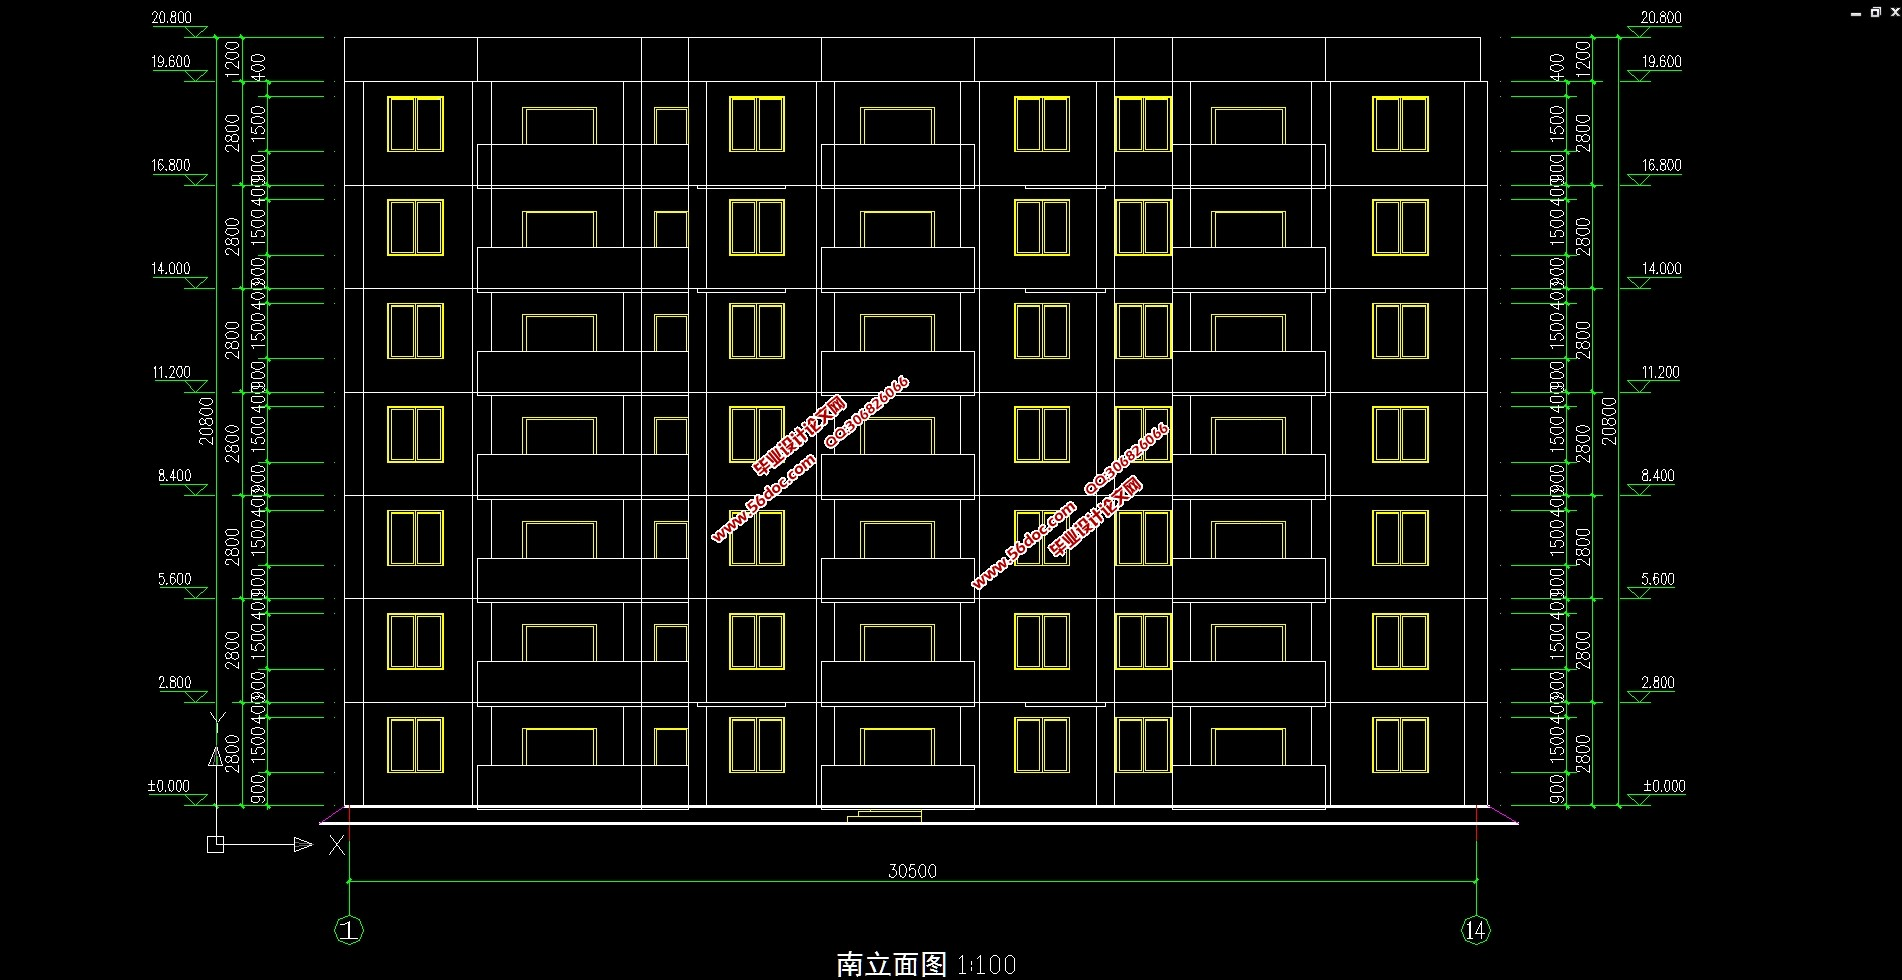 建筑图8张,结构图8张)   本设计庆阳市西峰区某住宅小区1#楼施工图